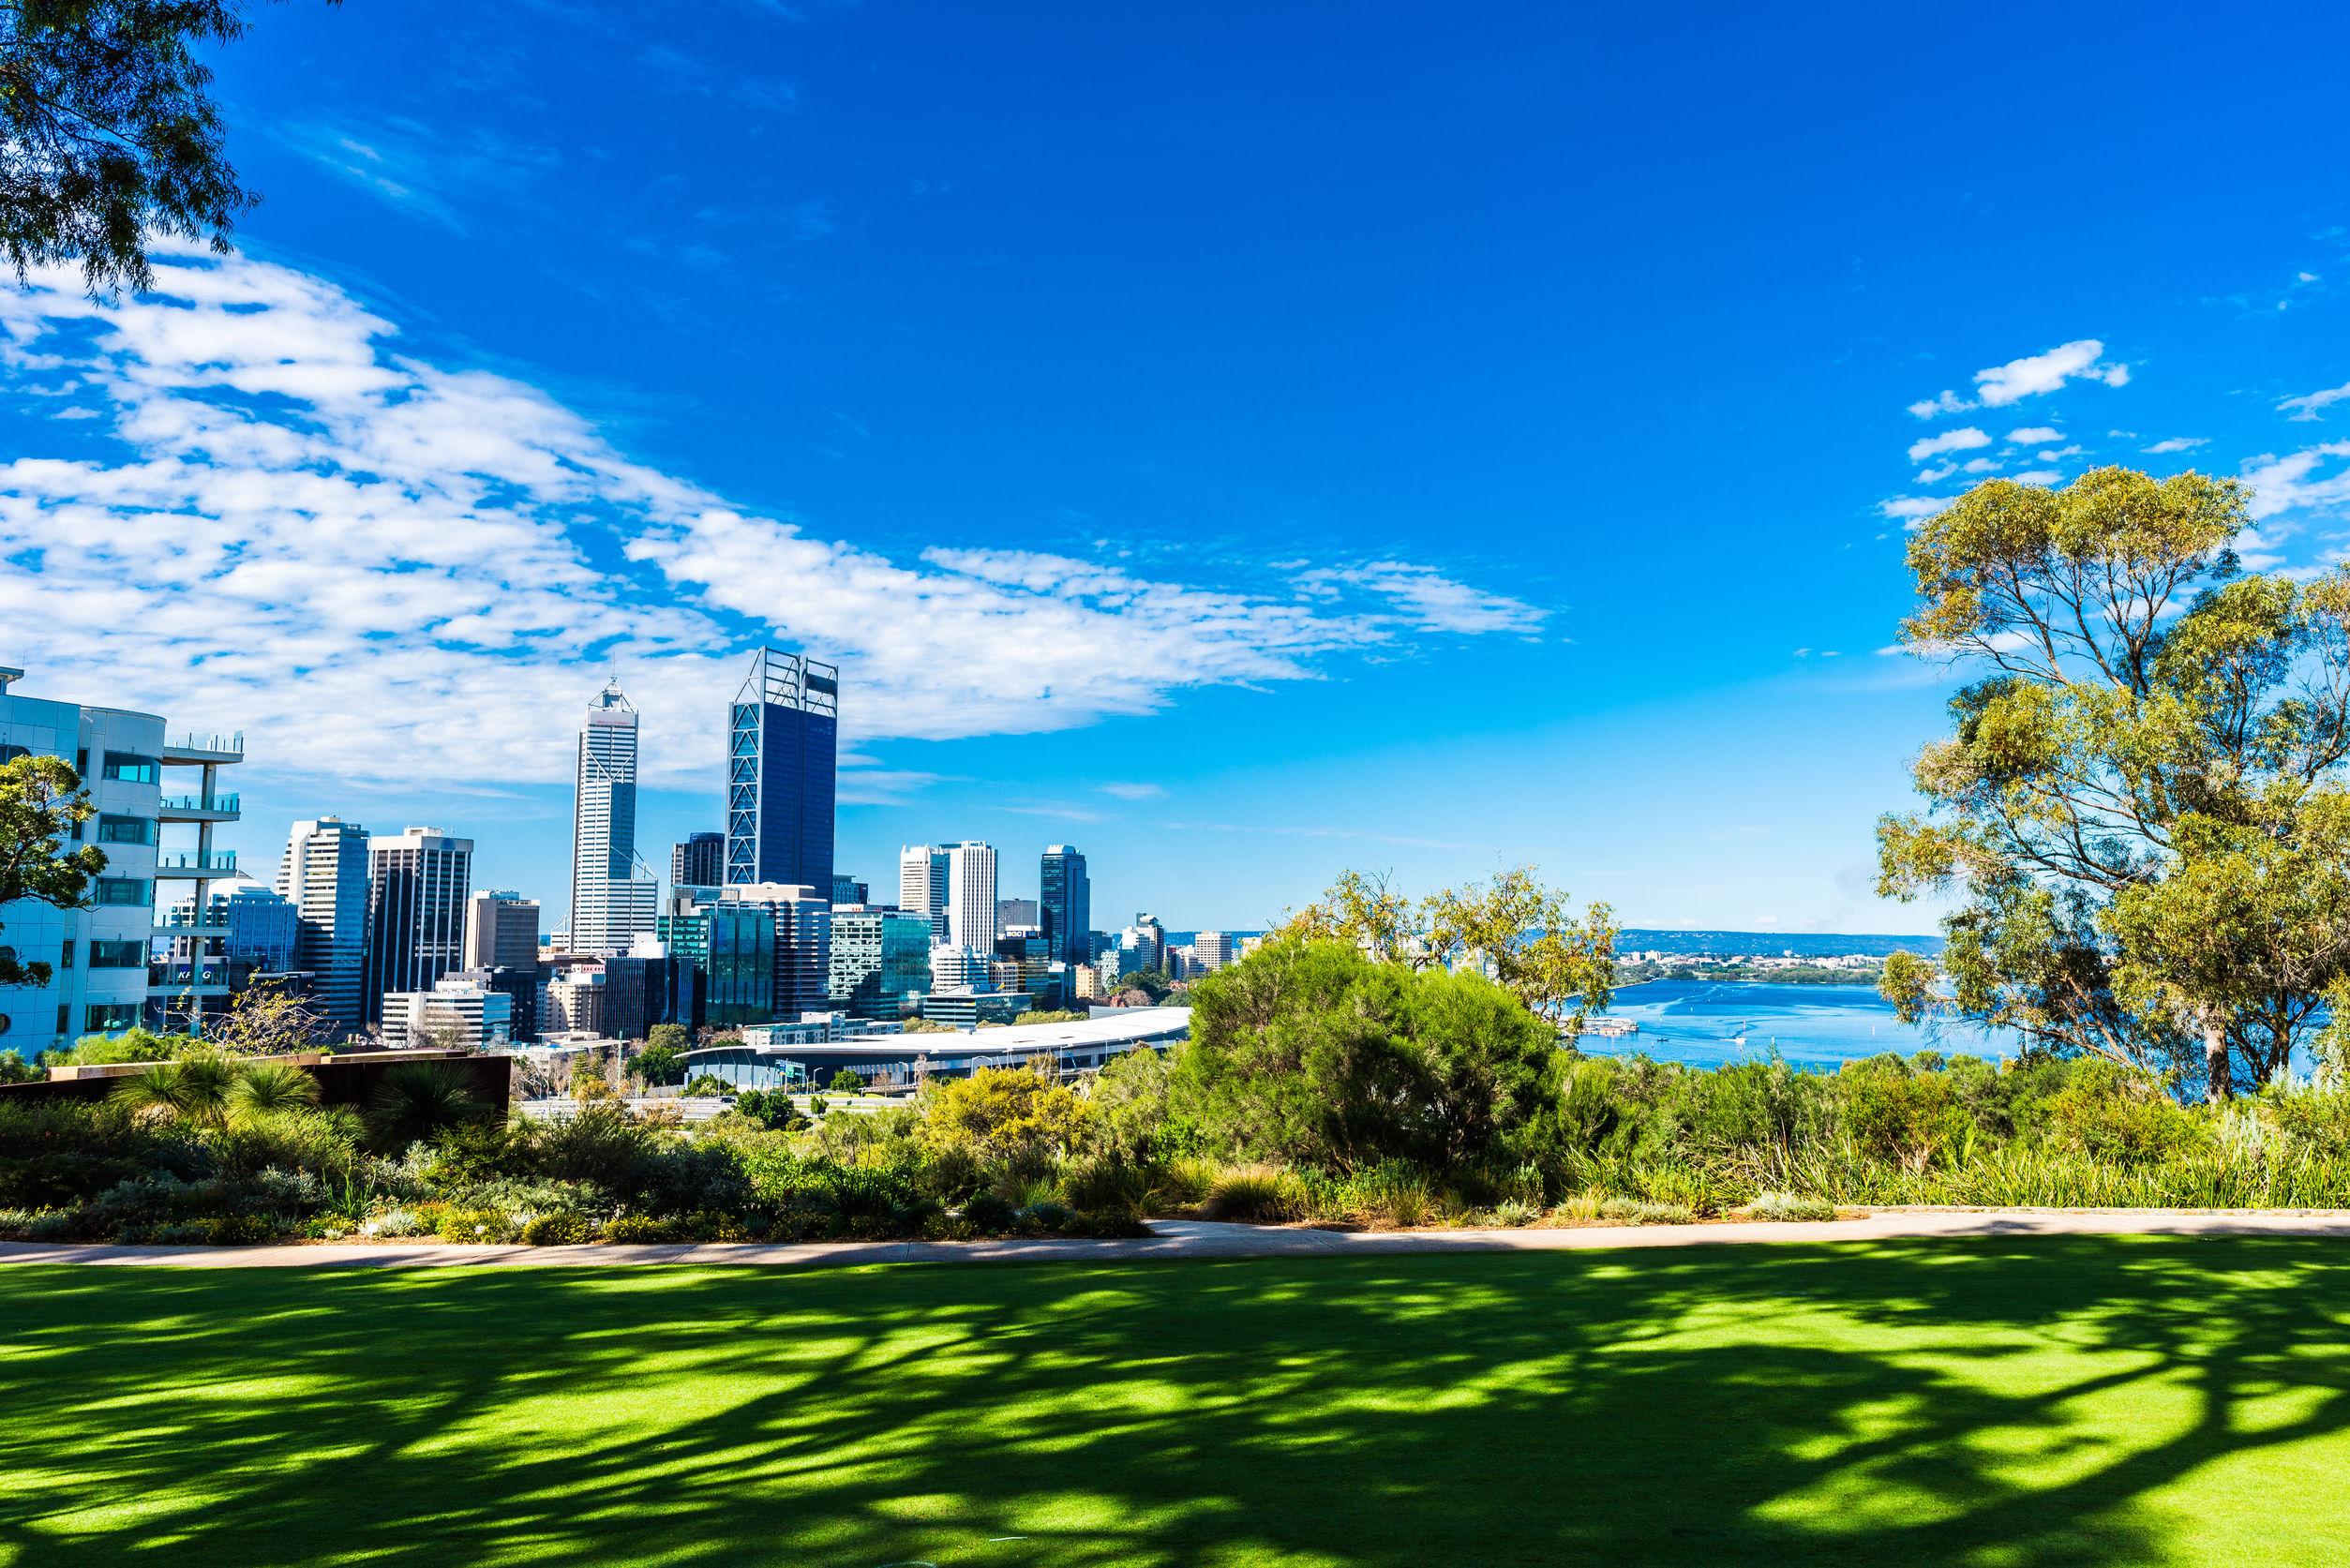 Panorámica del parque Kings Park de la ciudad de Perth en Australia